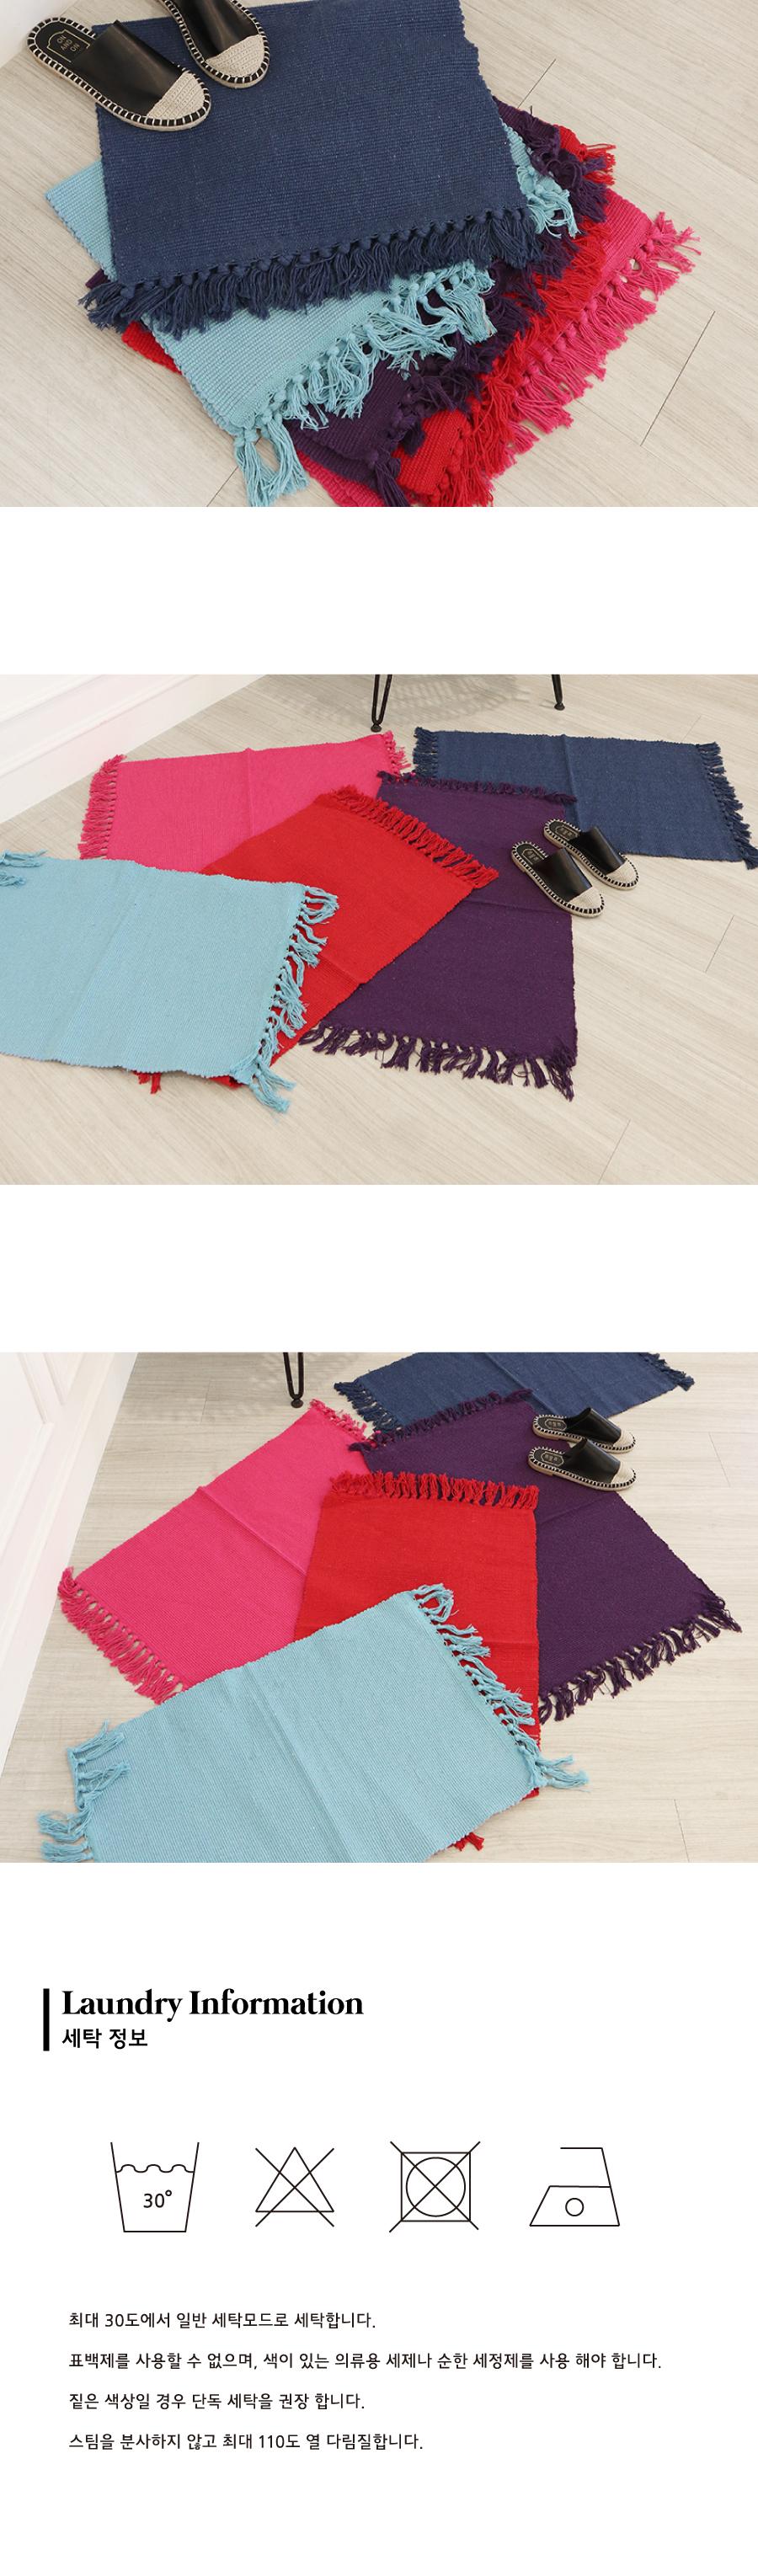 레인보우샤베트 5color 거실러그 45x70cm 거실카페트 - 에이미루시, 6,900원, 디자인러그, 심플러그